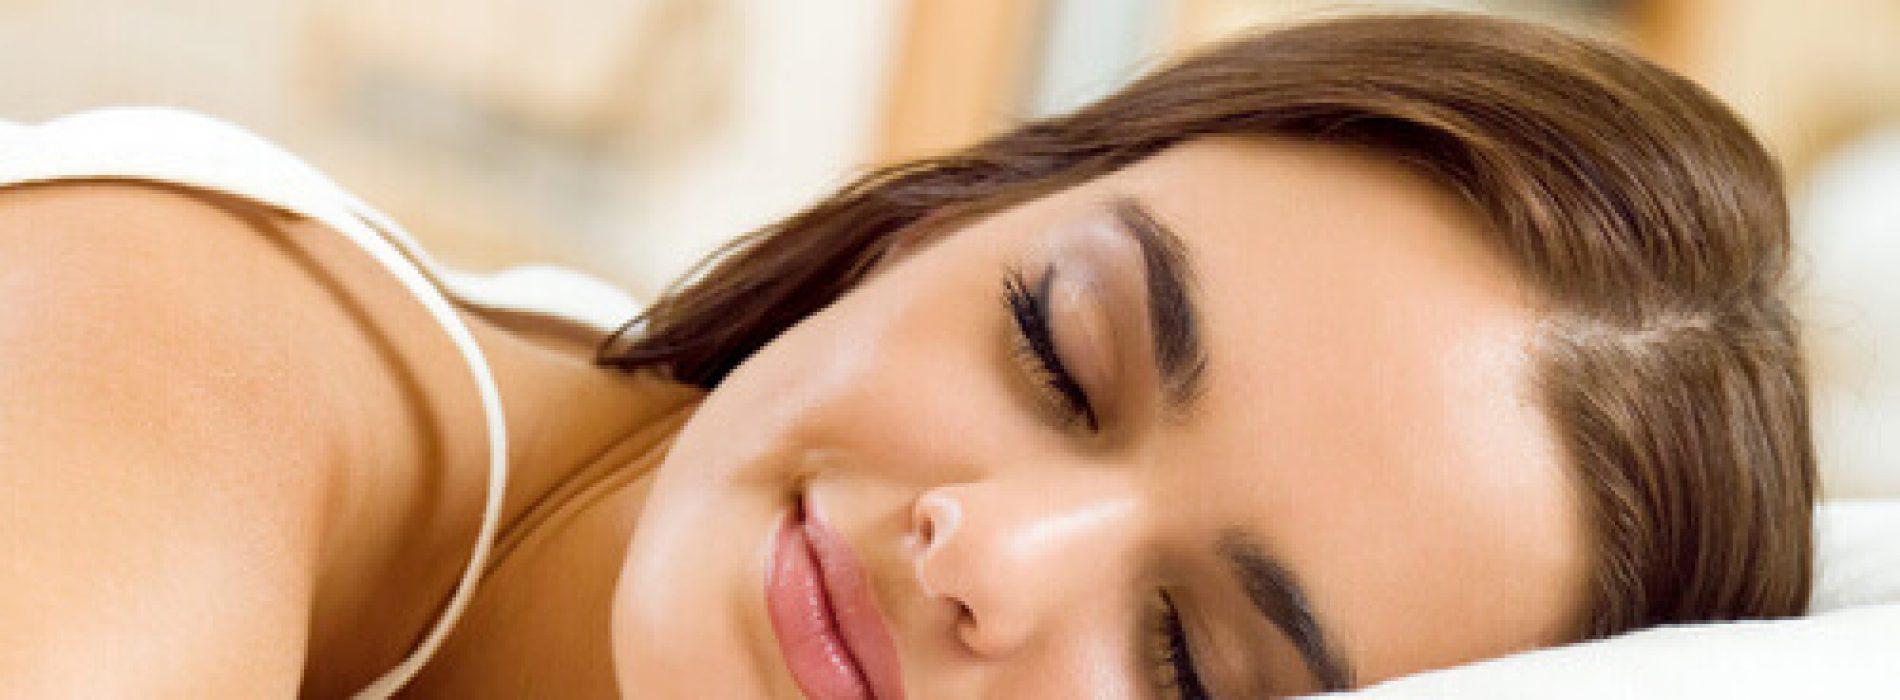 Waarom slaap zo belangrijk is (en hoe het beter kan)